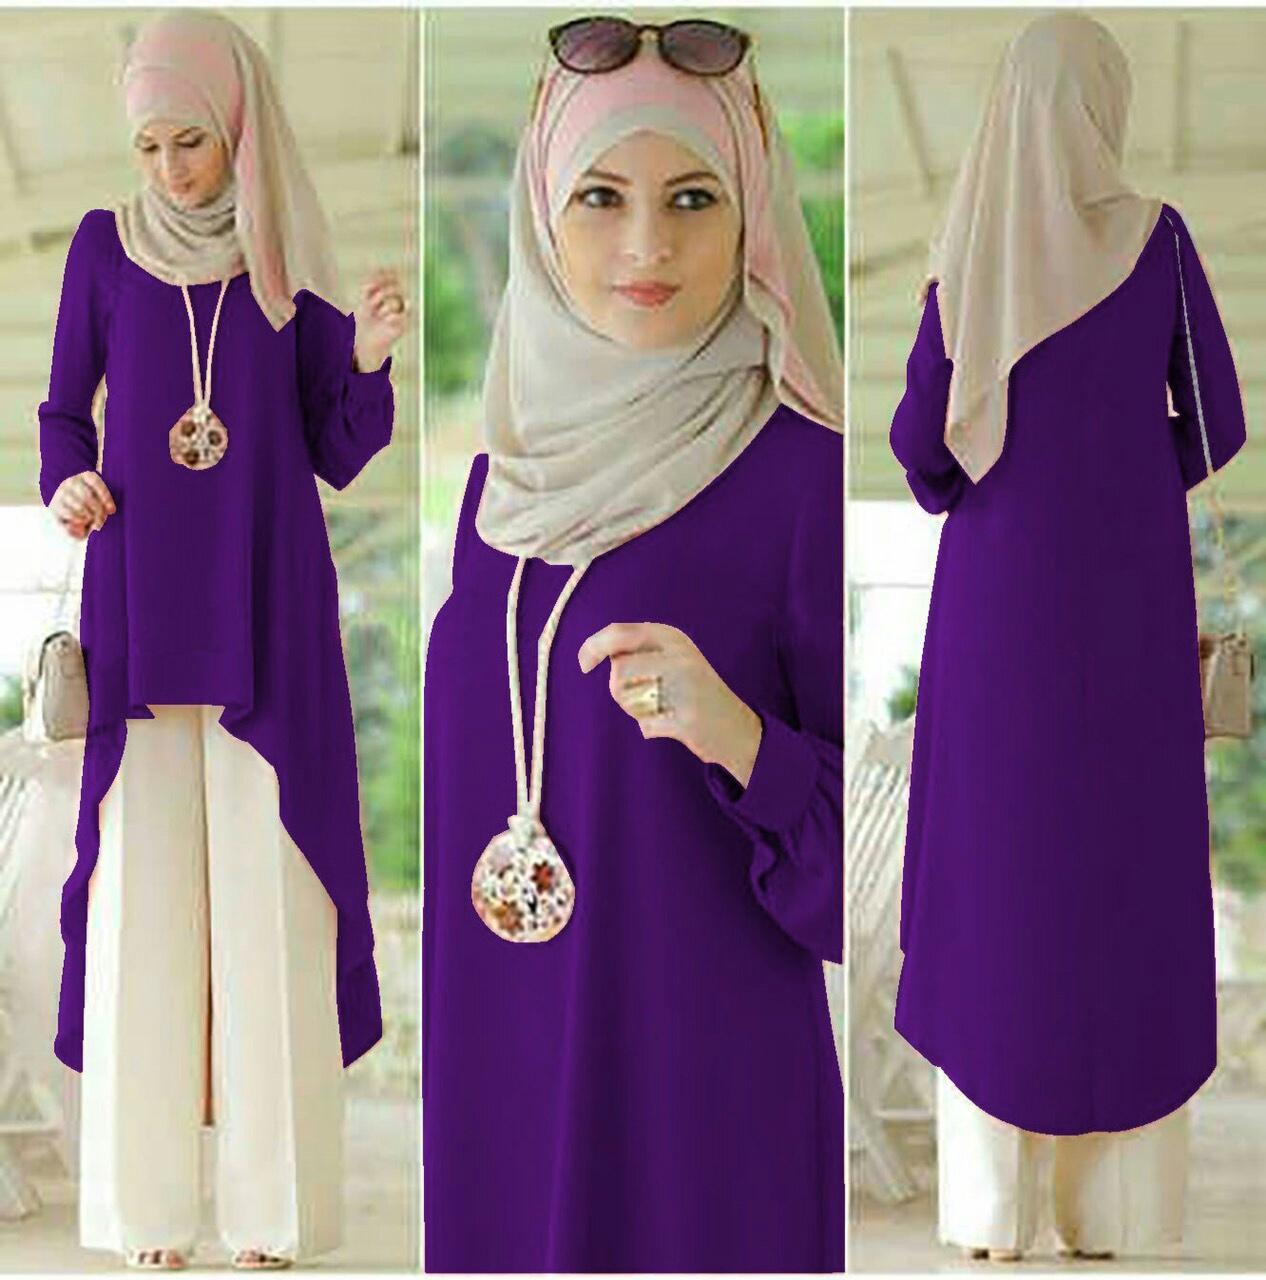 Style Baju Terbaru Model Baju Gamis Remaja Sesuai Acara Bliblinews Com Model Baju Batik Pria